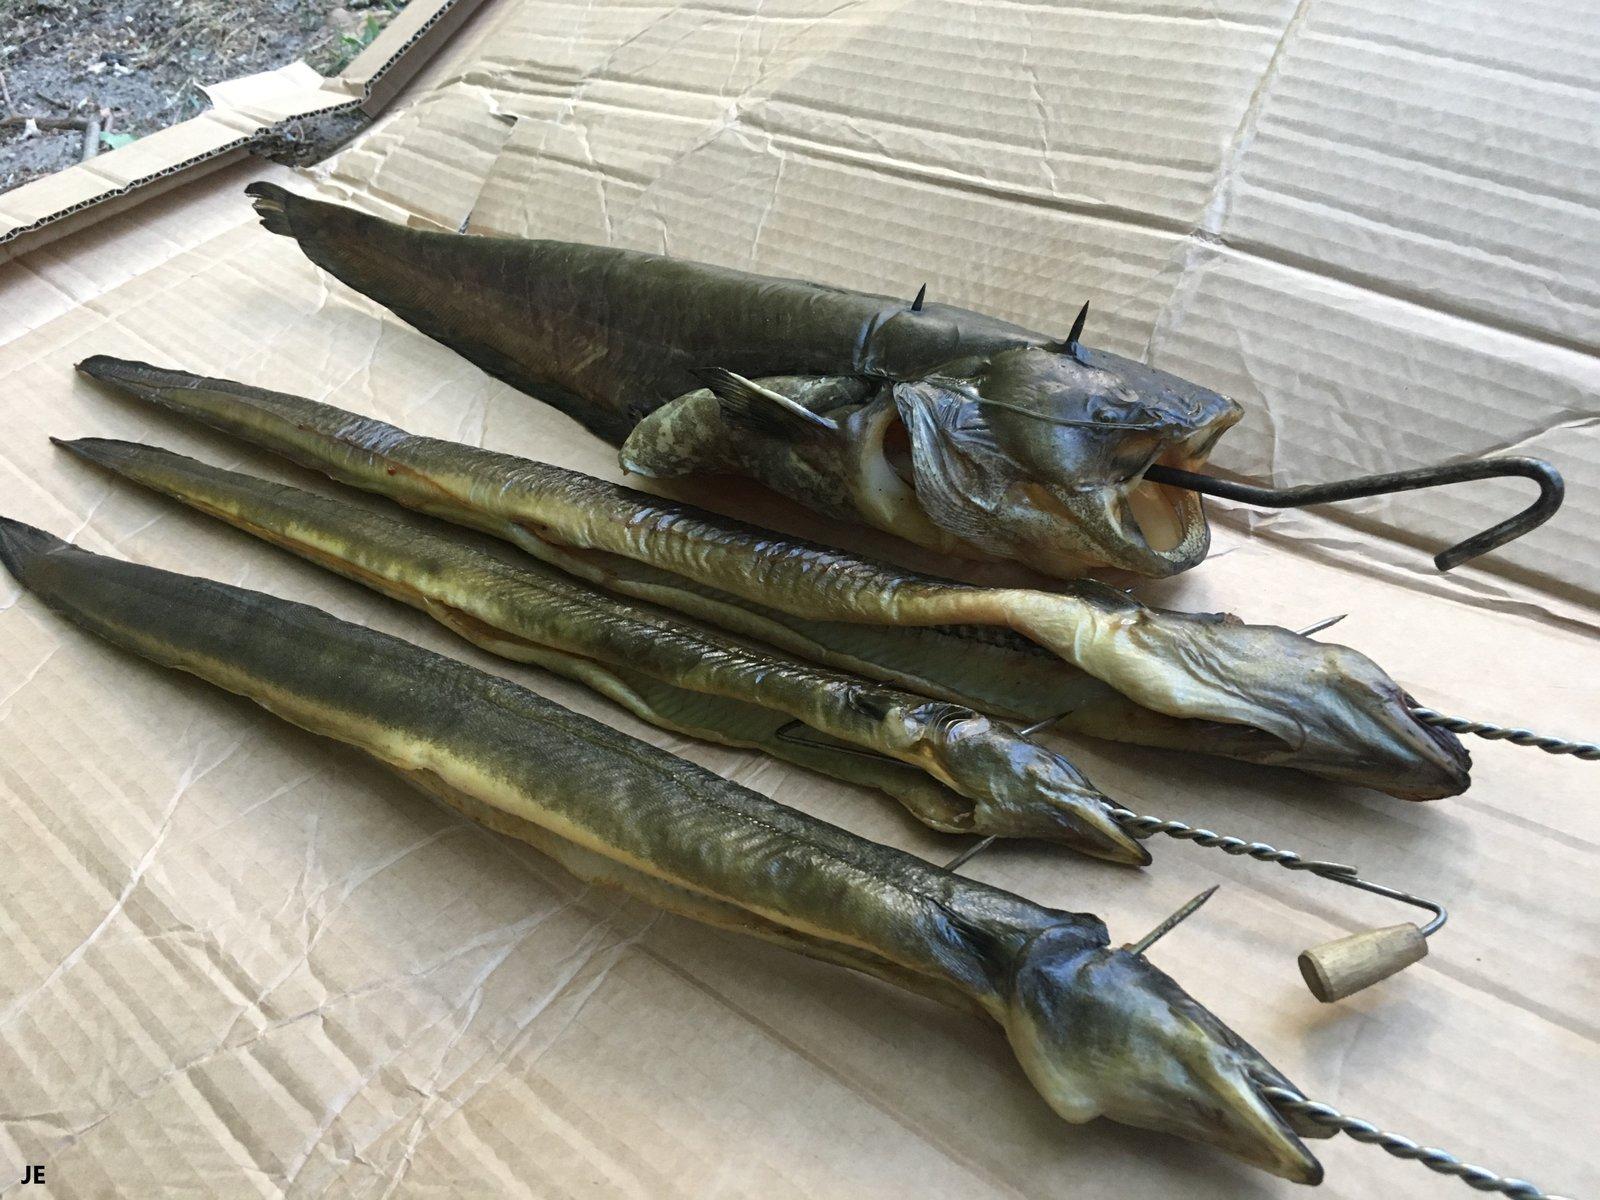 geräucherte Fische Julius.jpeg